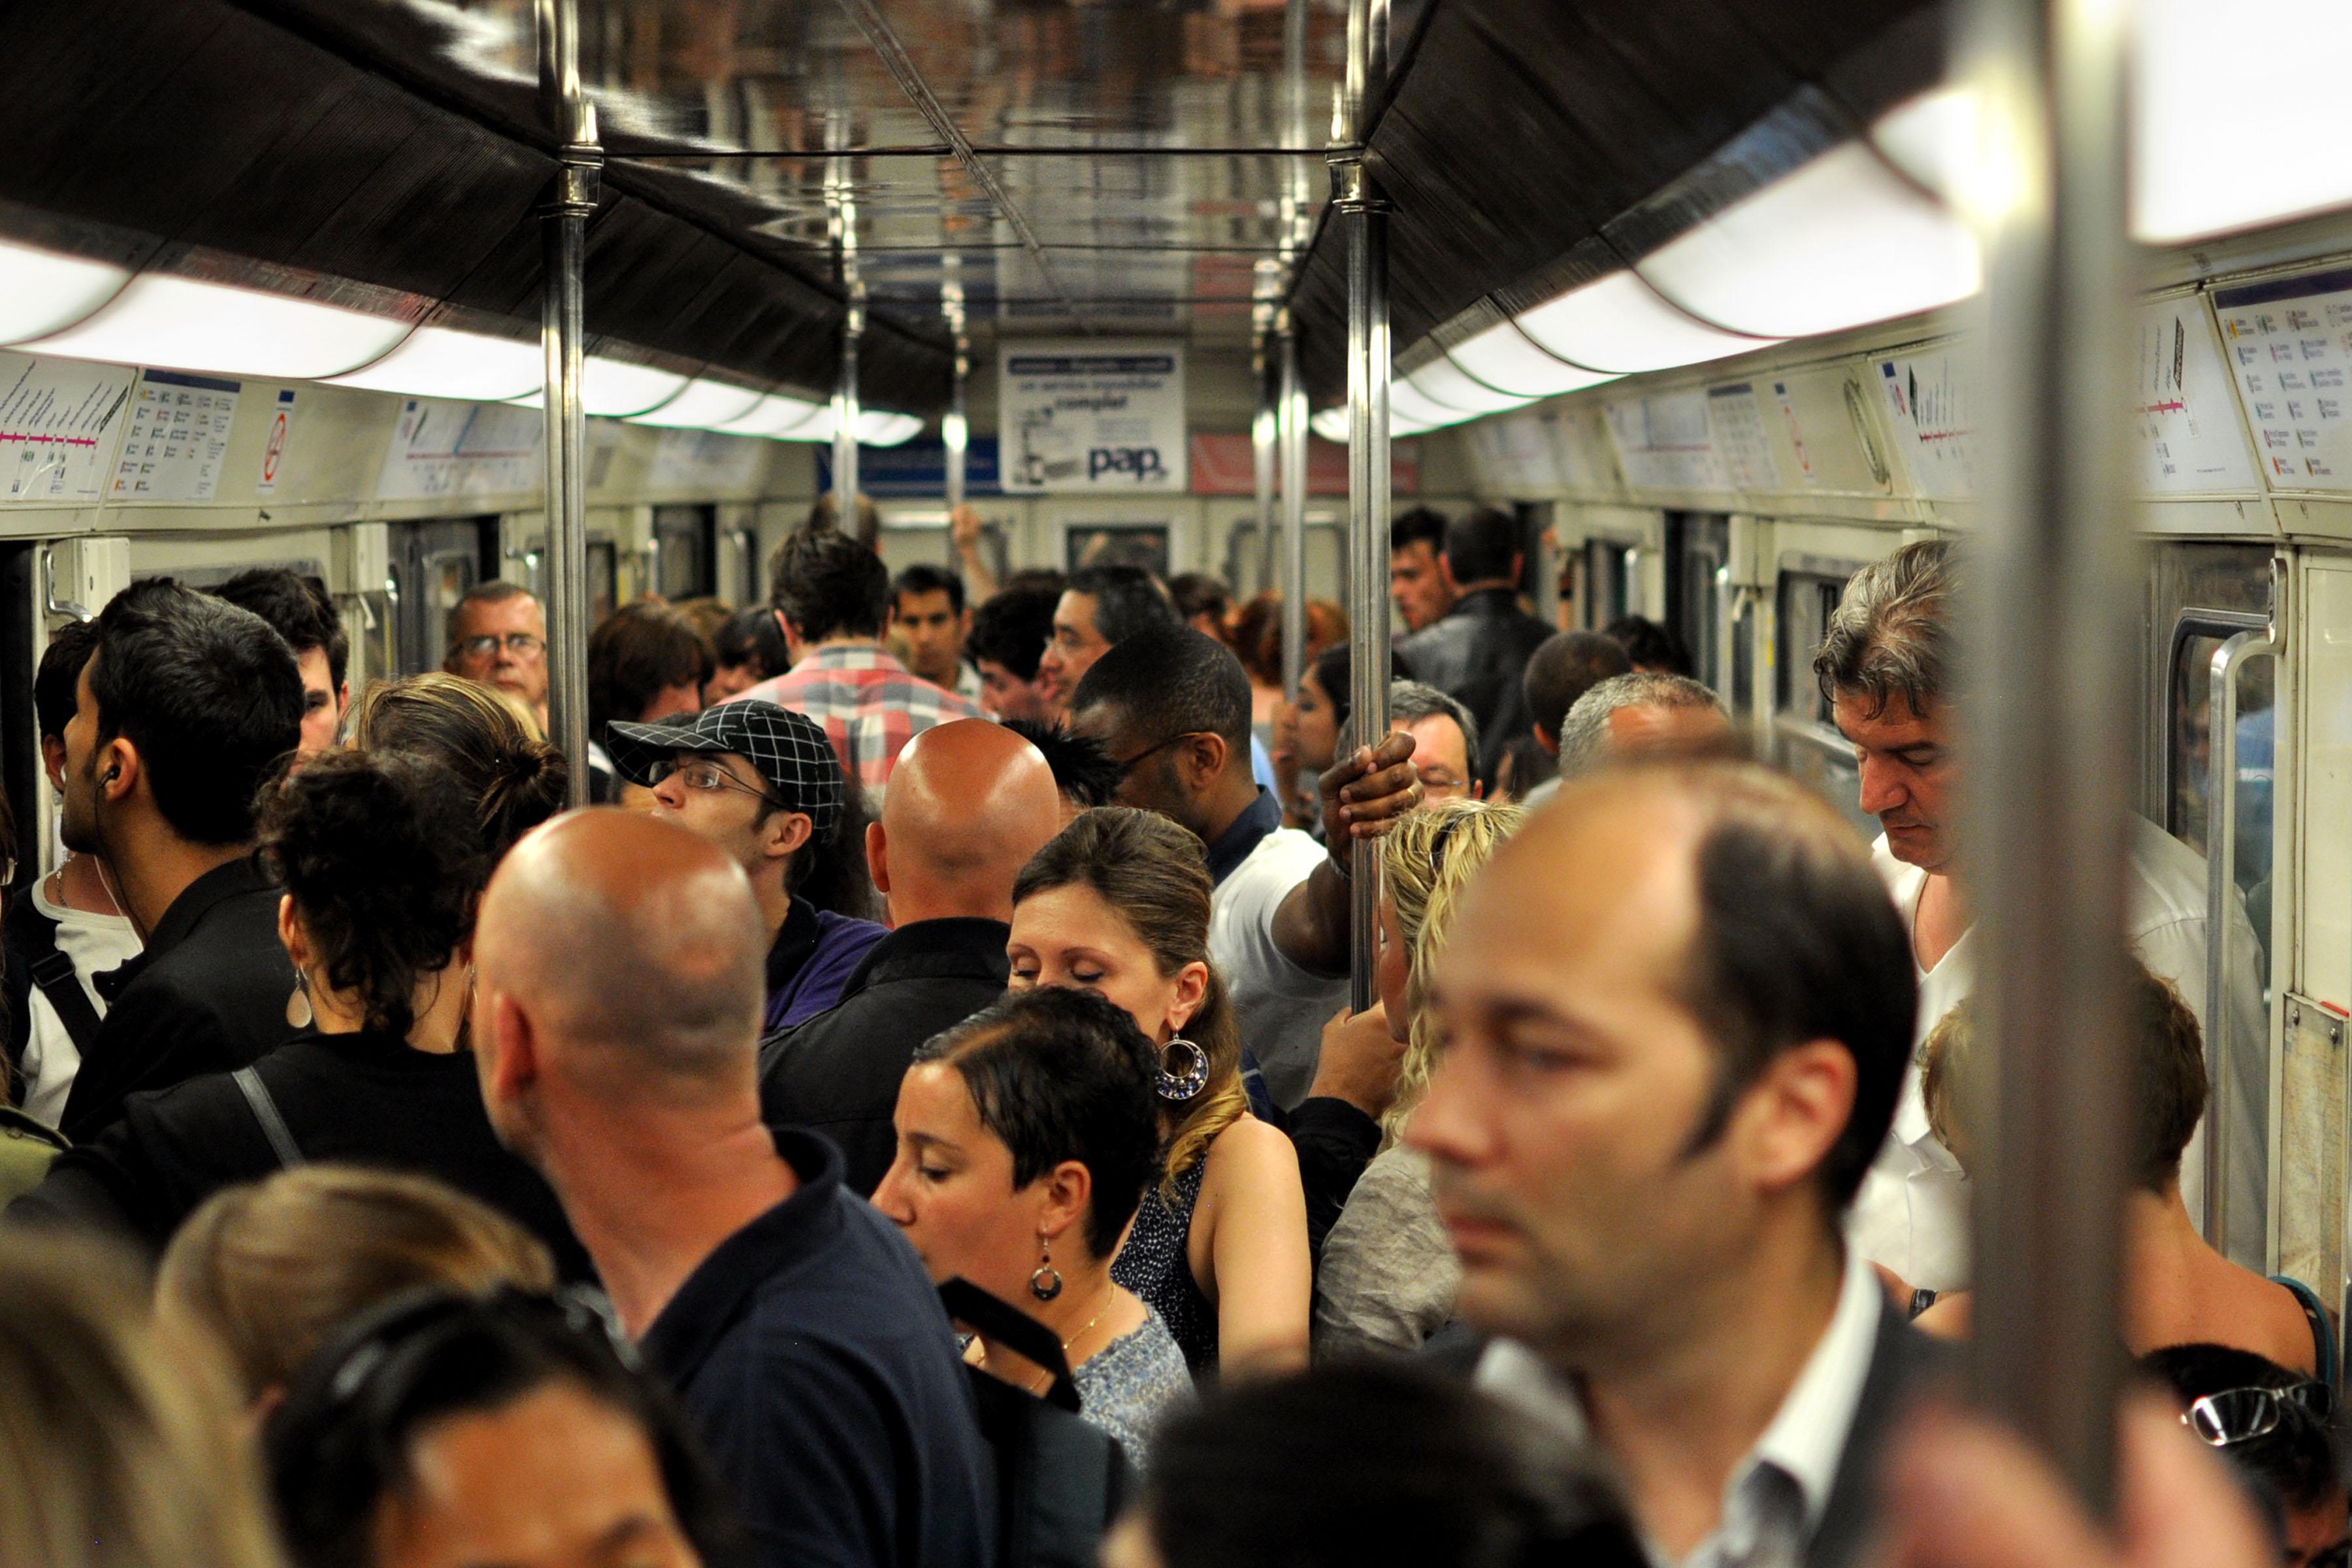 экстендеры фото в вагоне метро в час пик знак служил